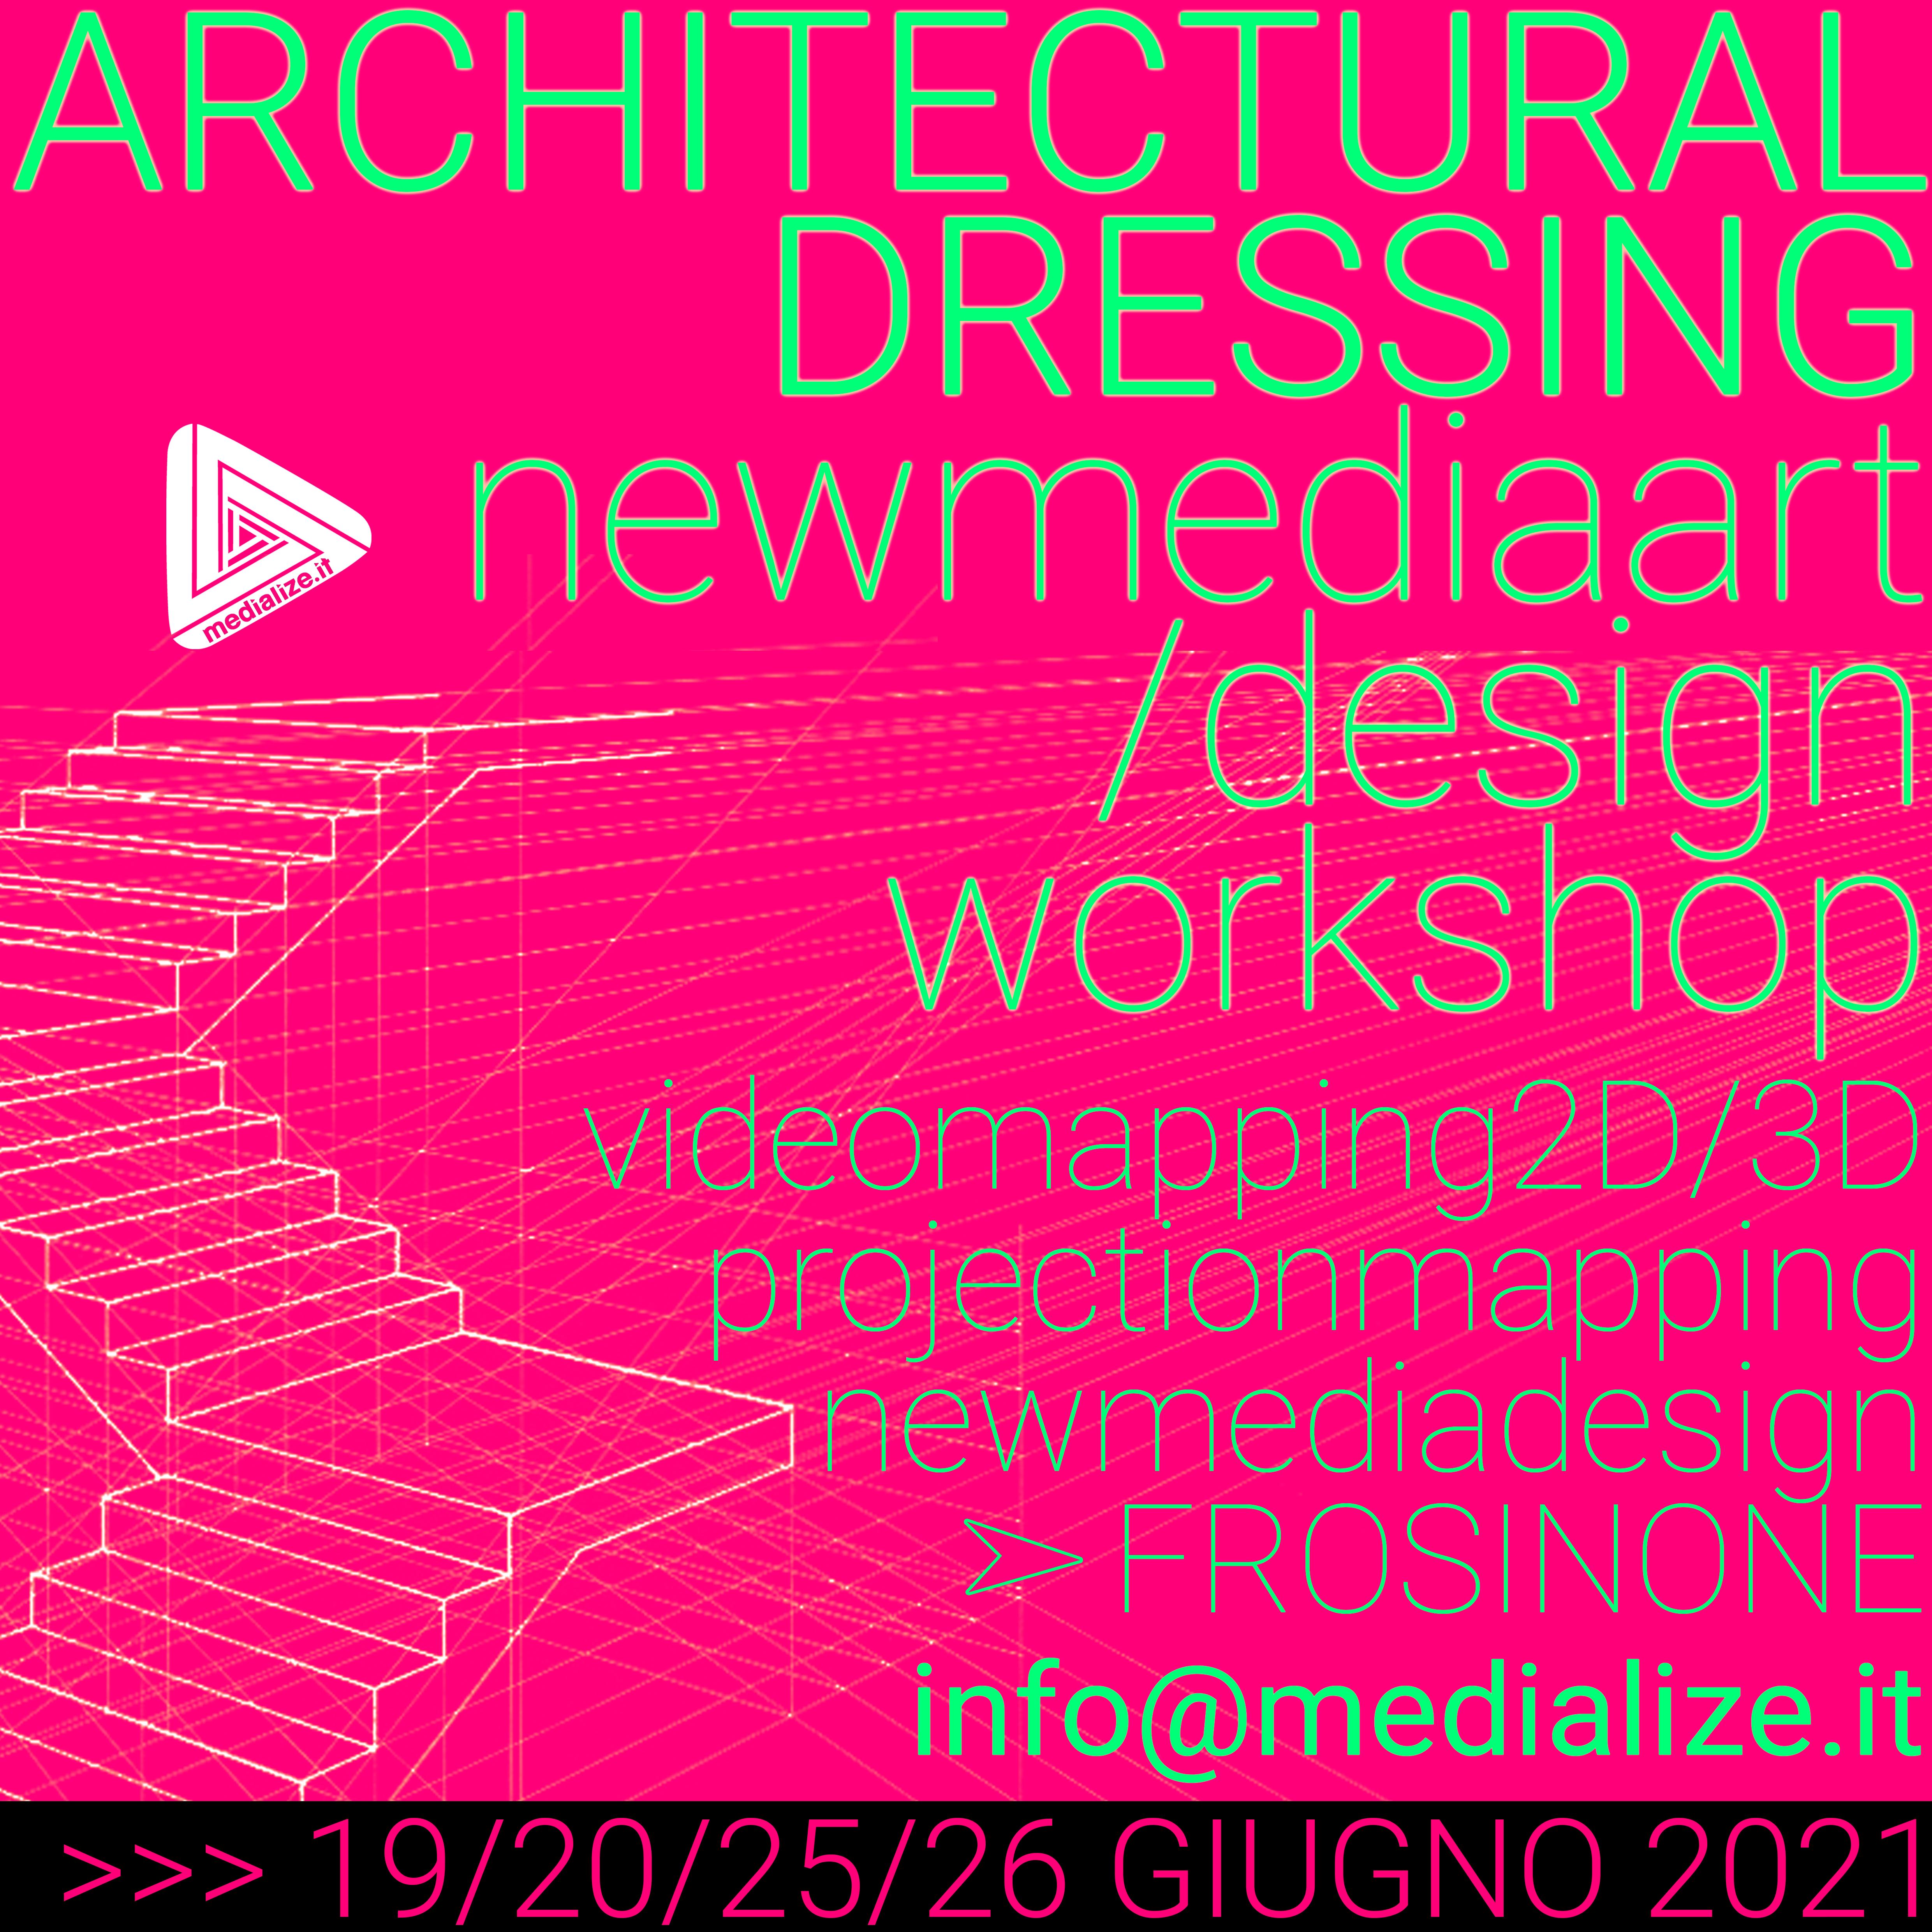 flyer-architectural-dressing-fr-2021